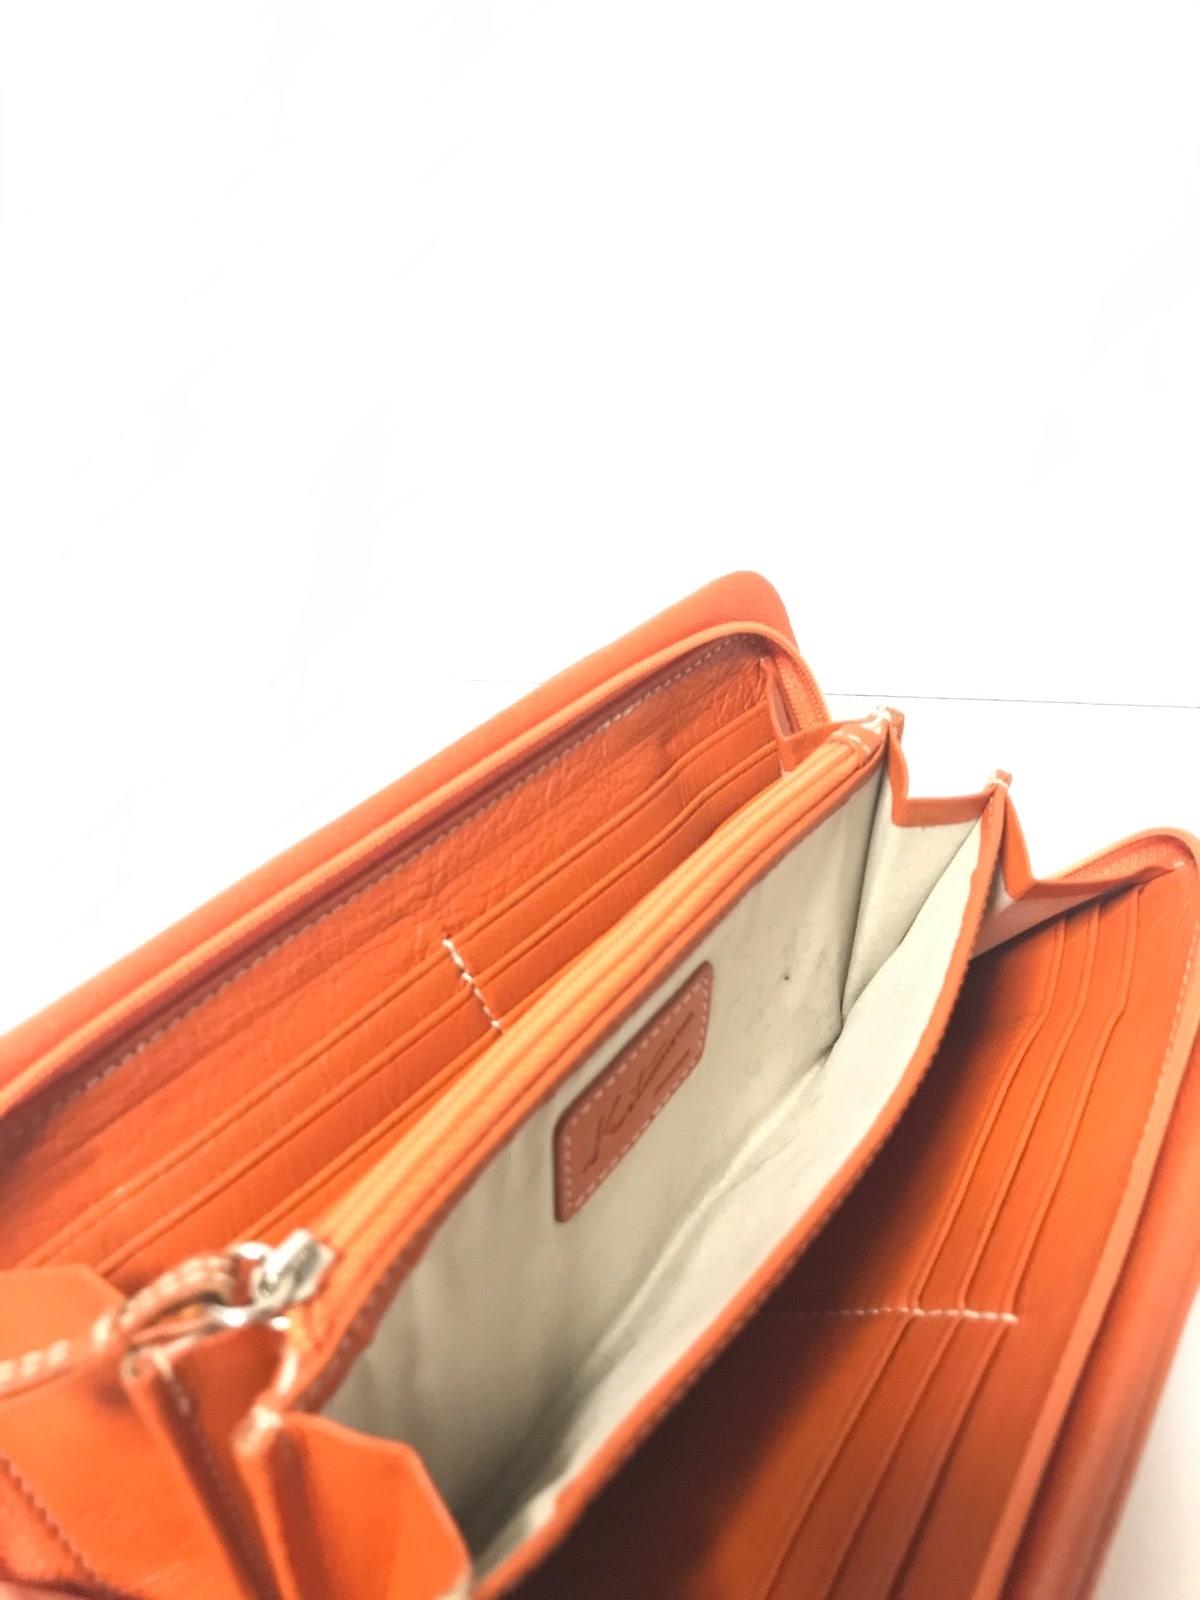 c1ec7eed4e51 KITAMURA(キタムラ)/長財布の買取実績/27572216 の買取【ブランディア】